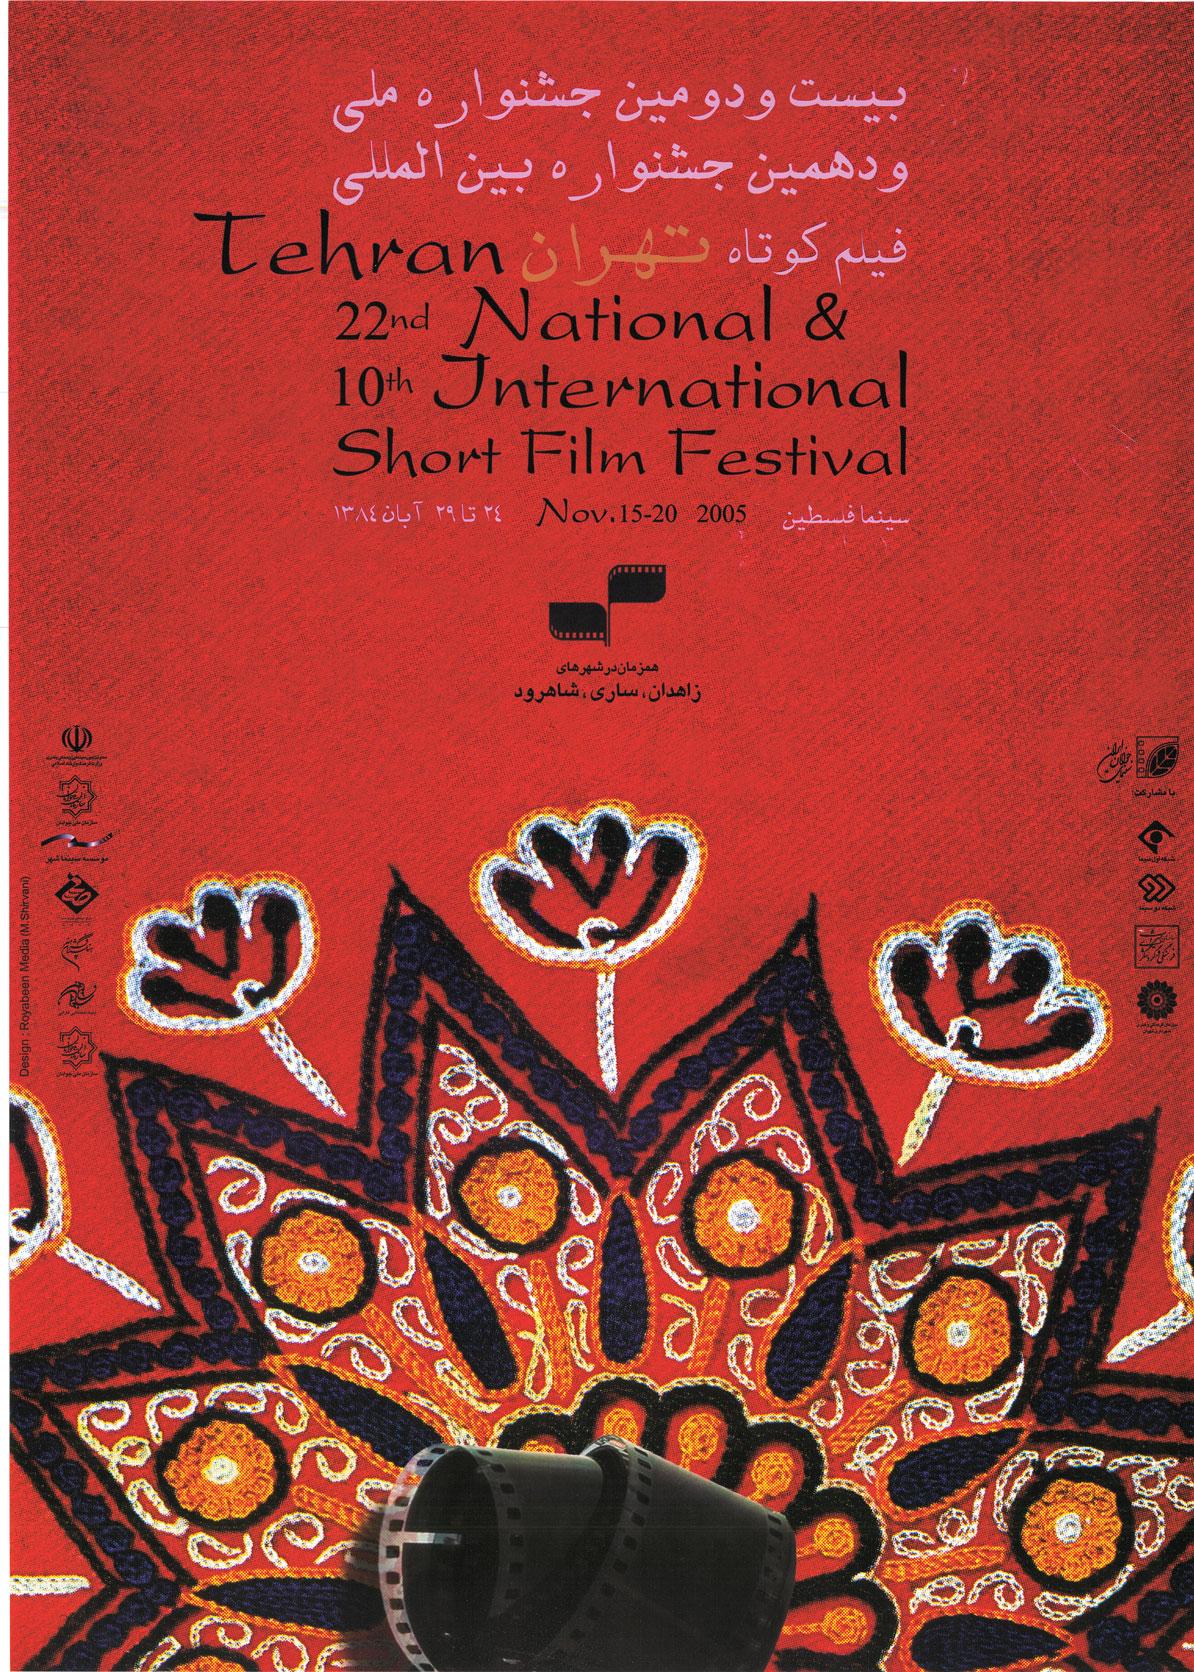 22nd Festival 2005